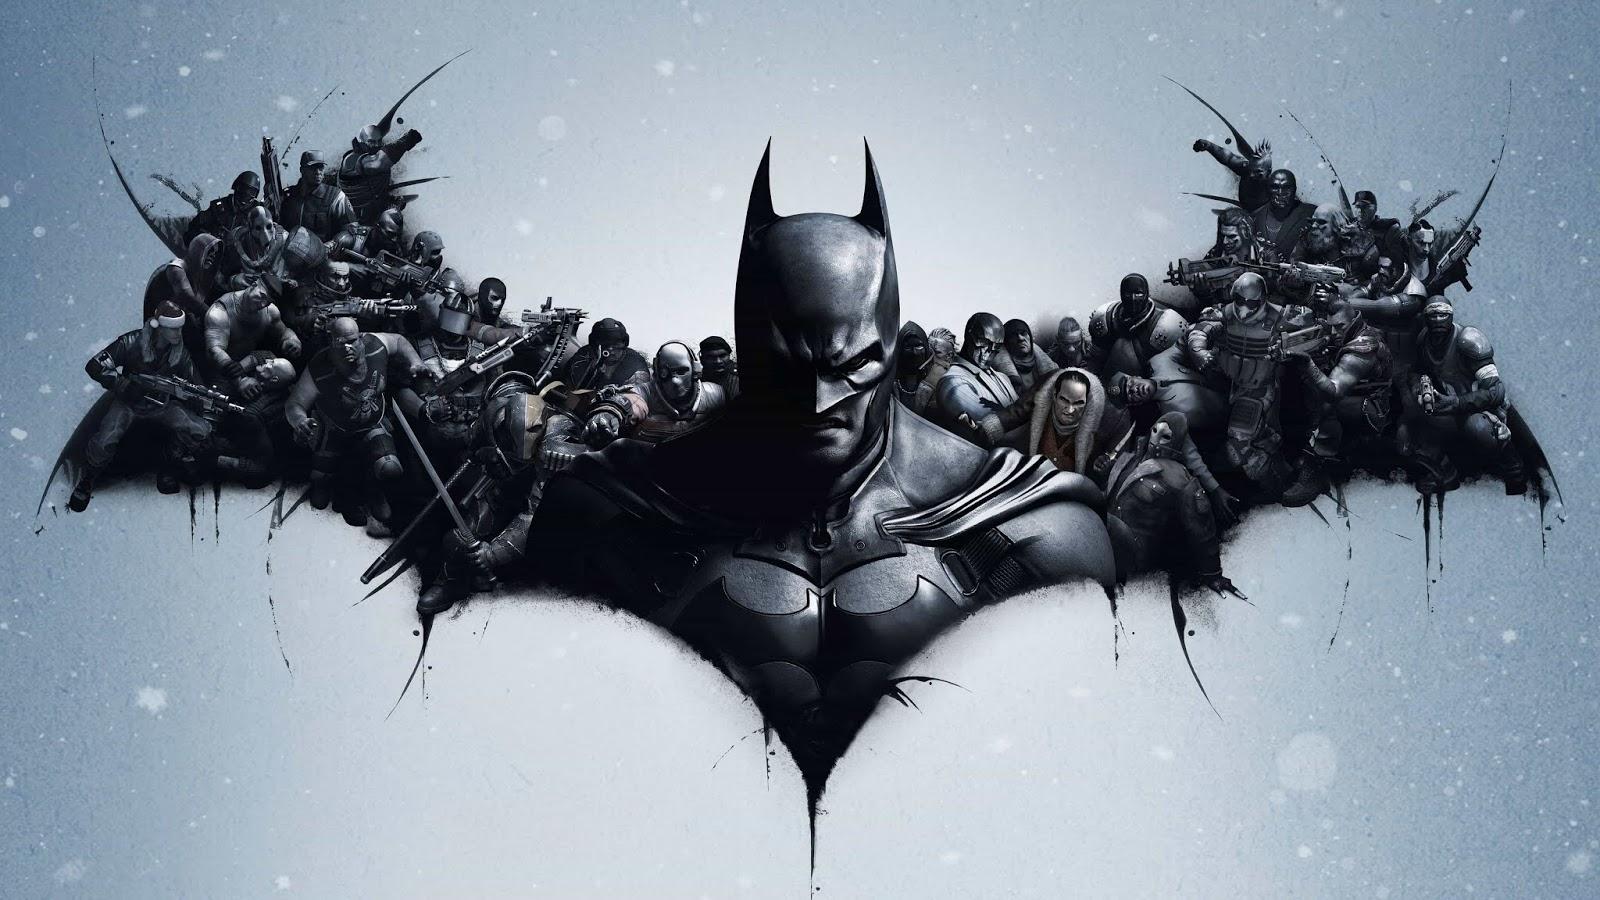 افضل صور باتمان مميزة بجودة عالية Hd 2020